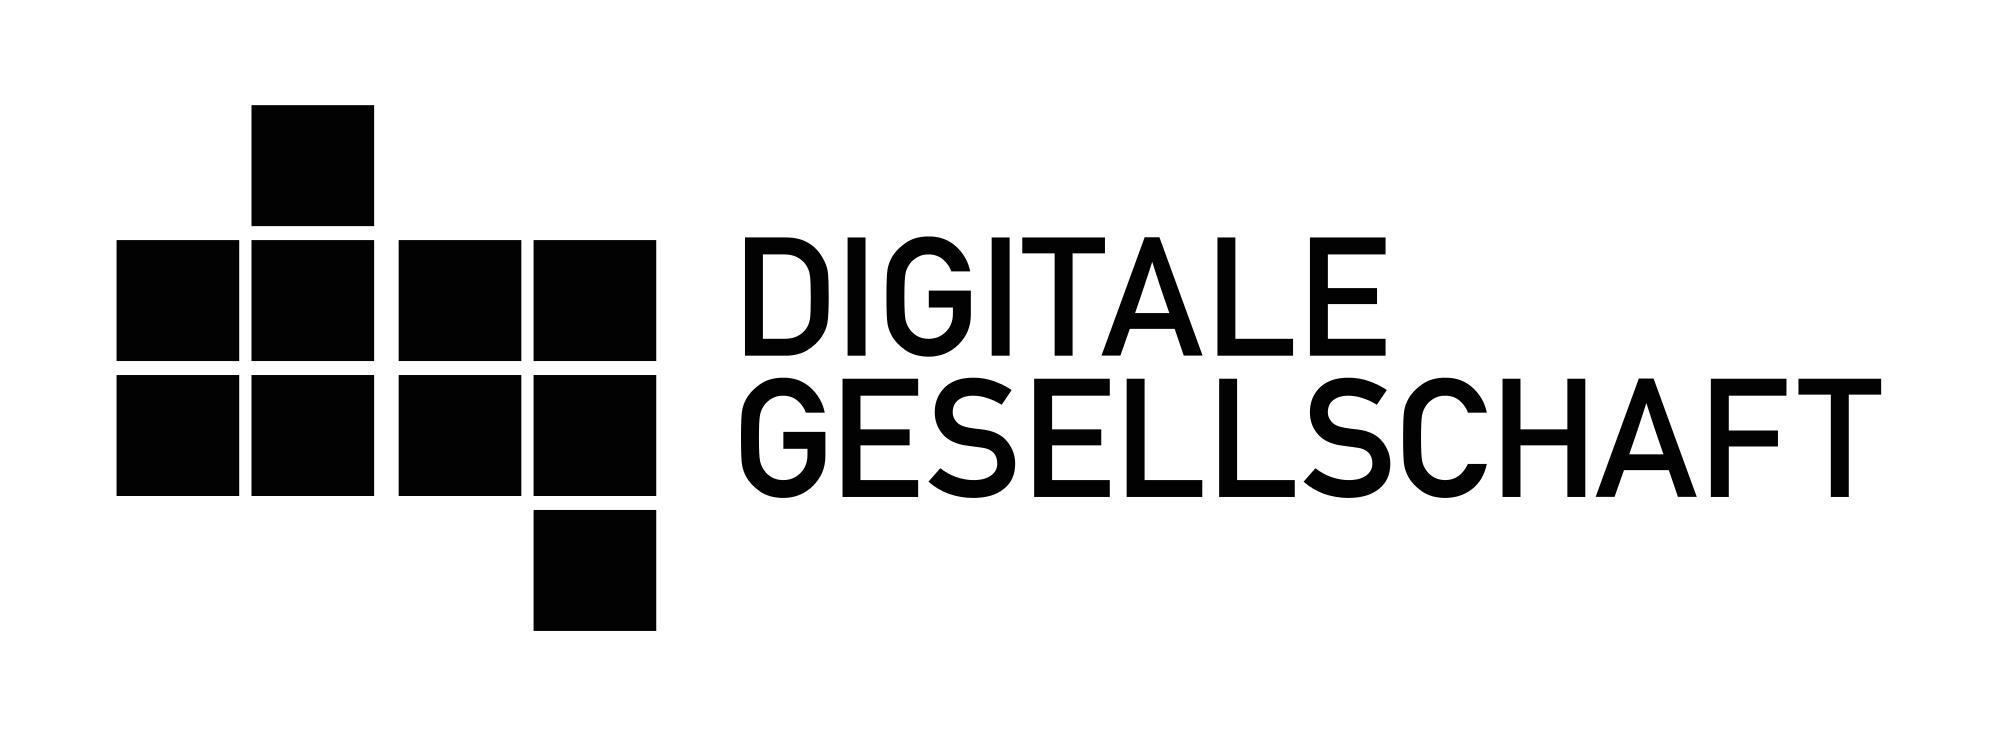 Logo des Digitale Gesellschaft e.V.